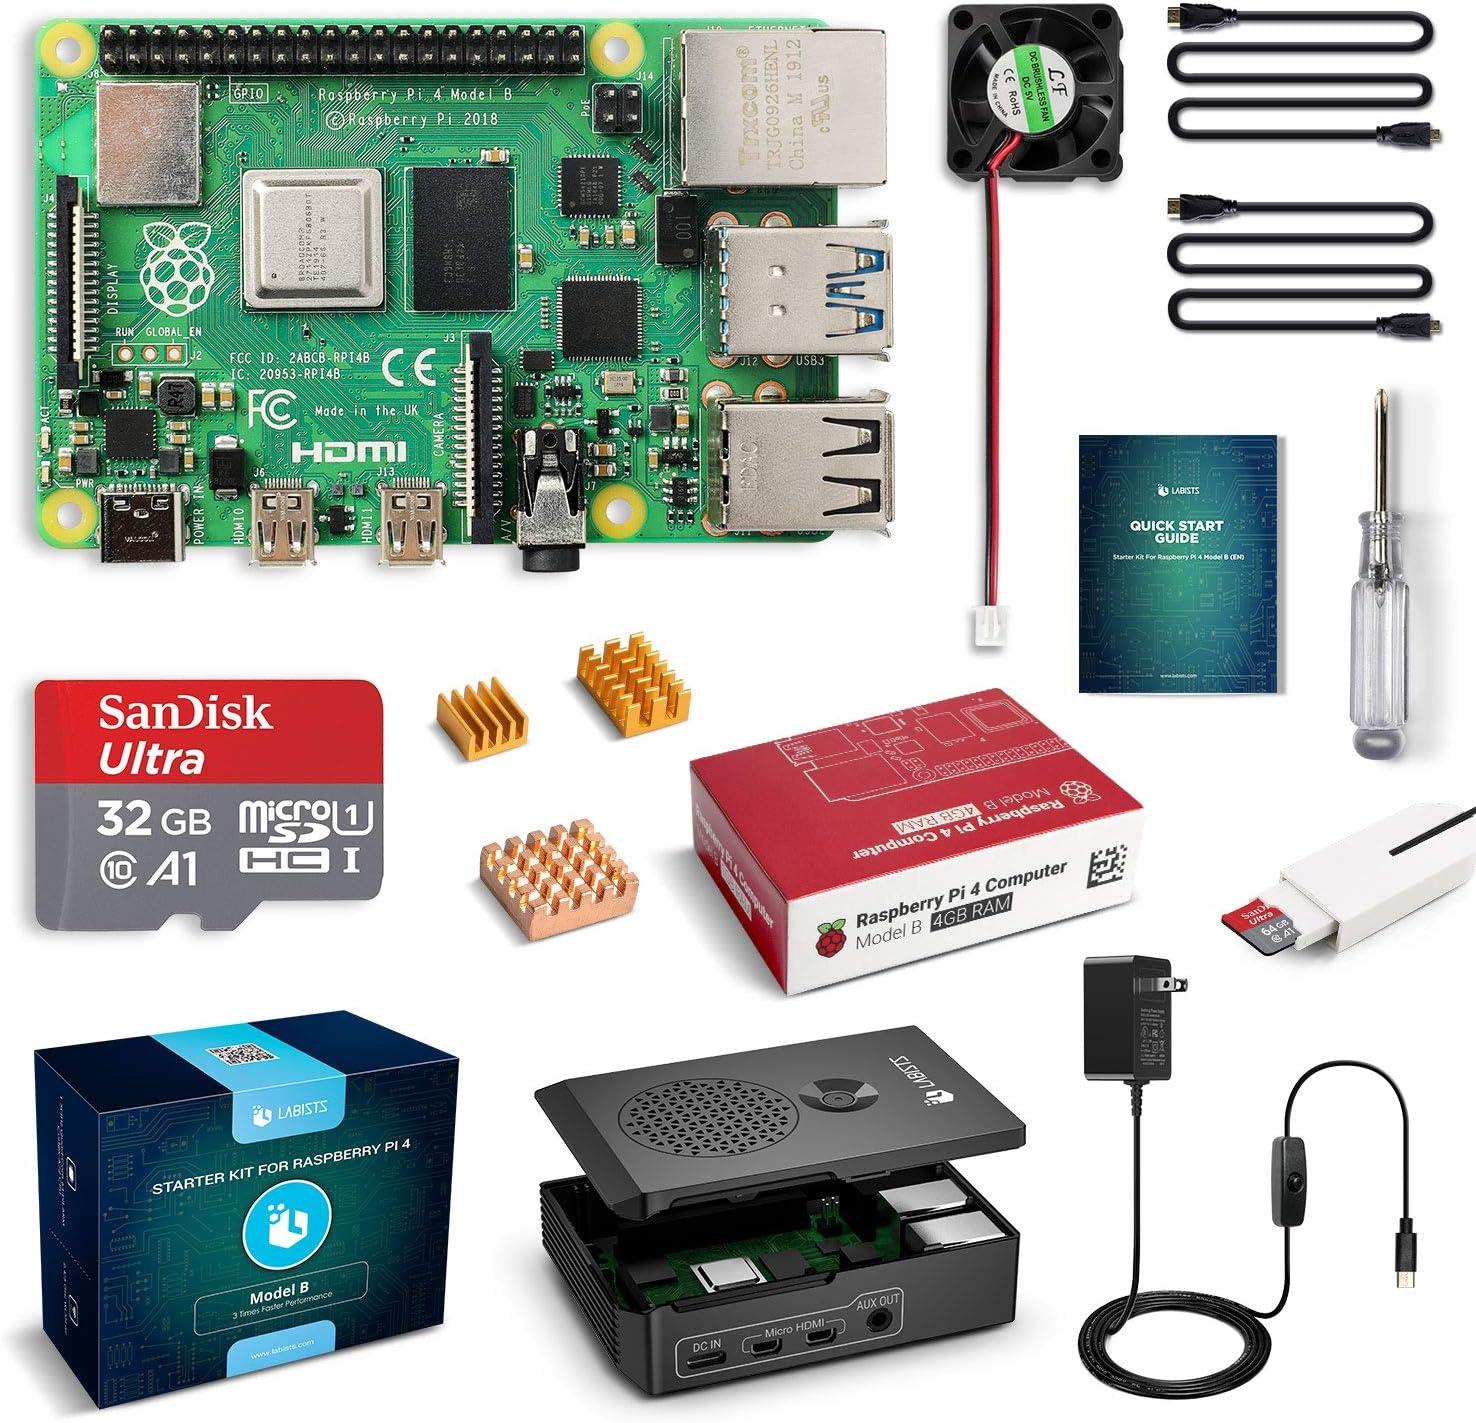 Free Amazon Promo Code 2020 for Raspberry Pi 4 4GB Starter Kit